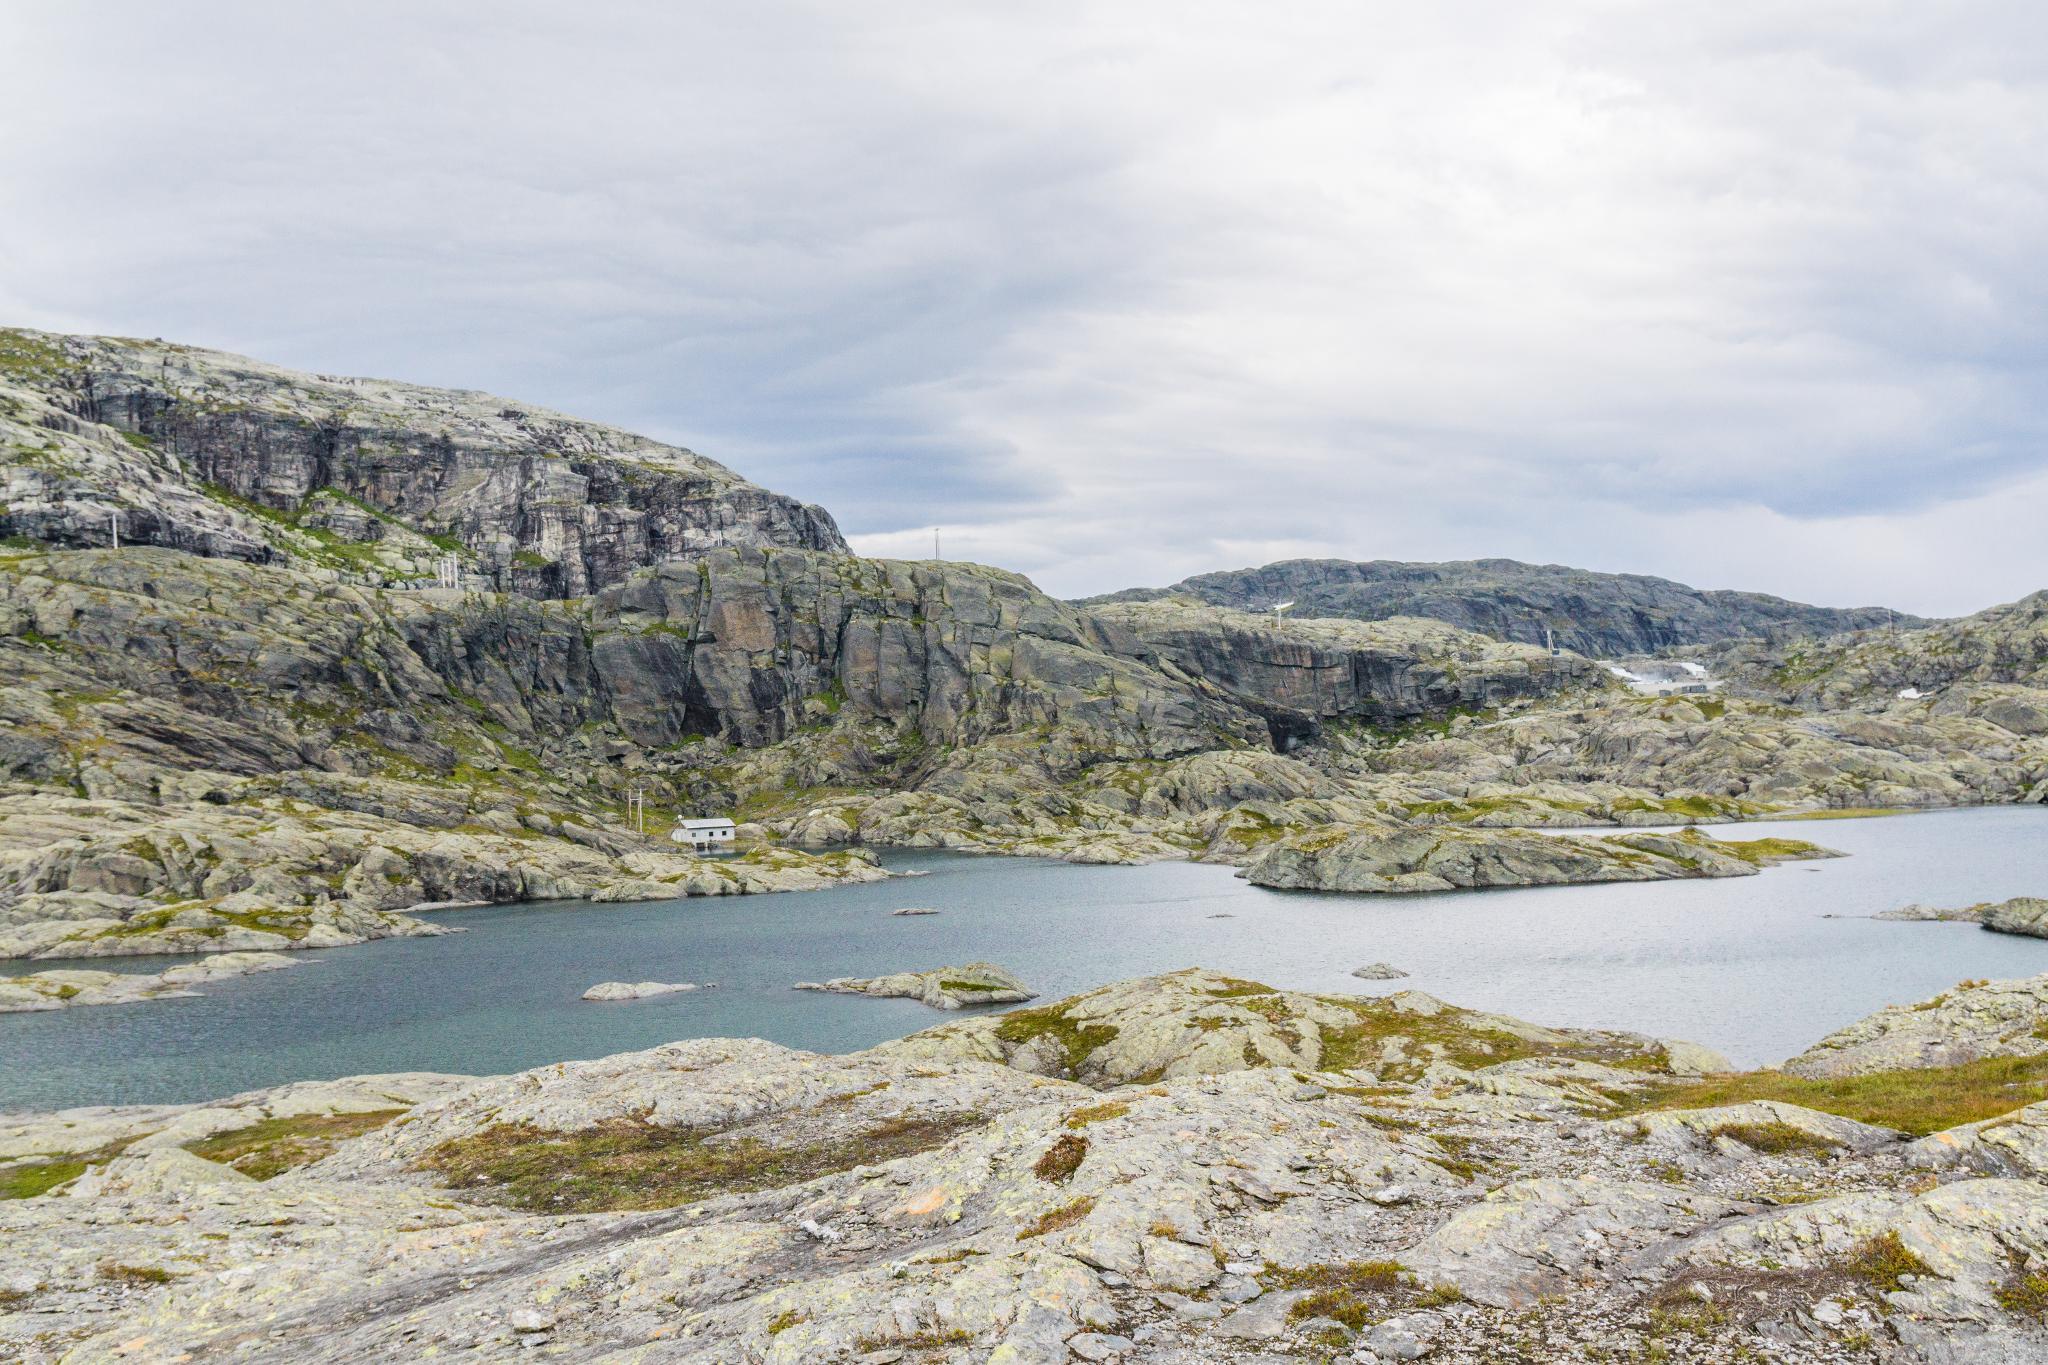 【北歐景點】挪威惡魔之舌 Trolltunga — 28公里健行挑戰全攻略 220